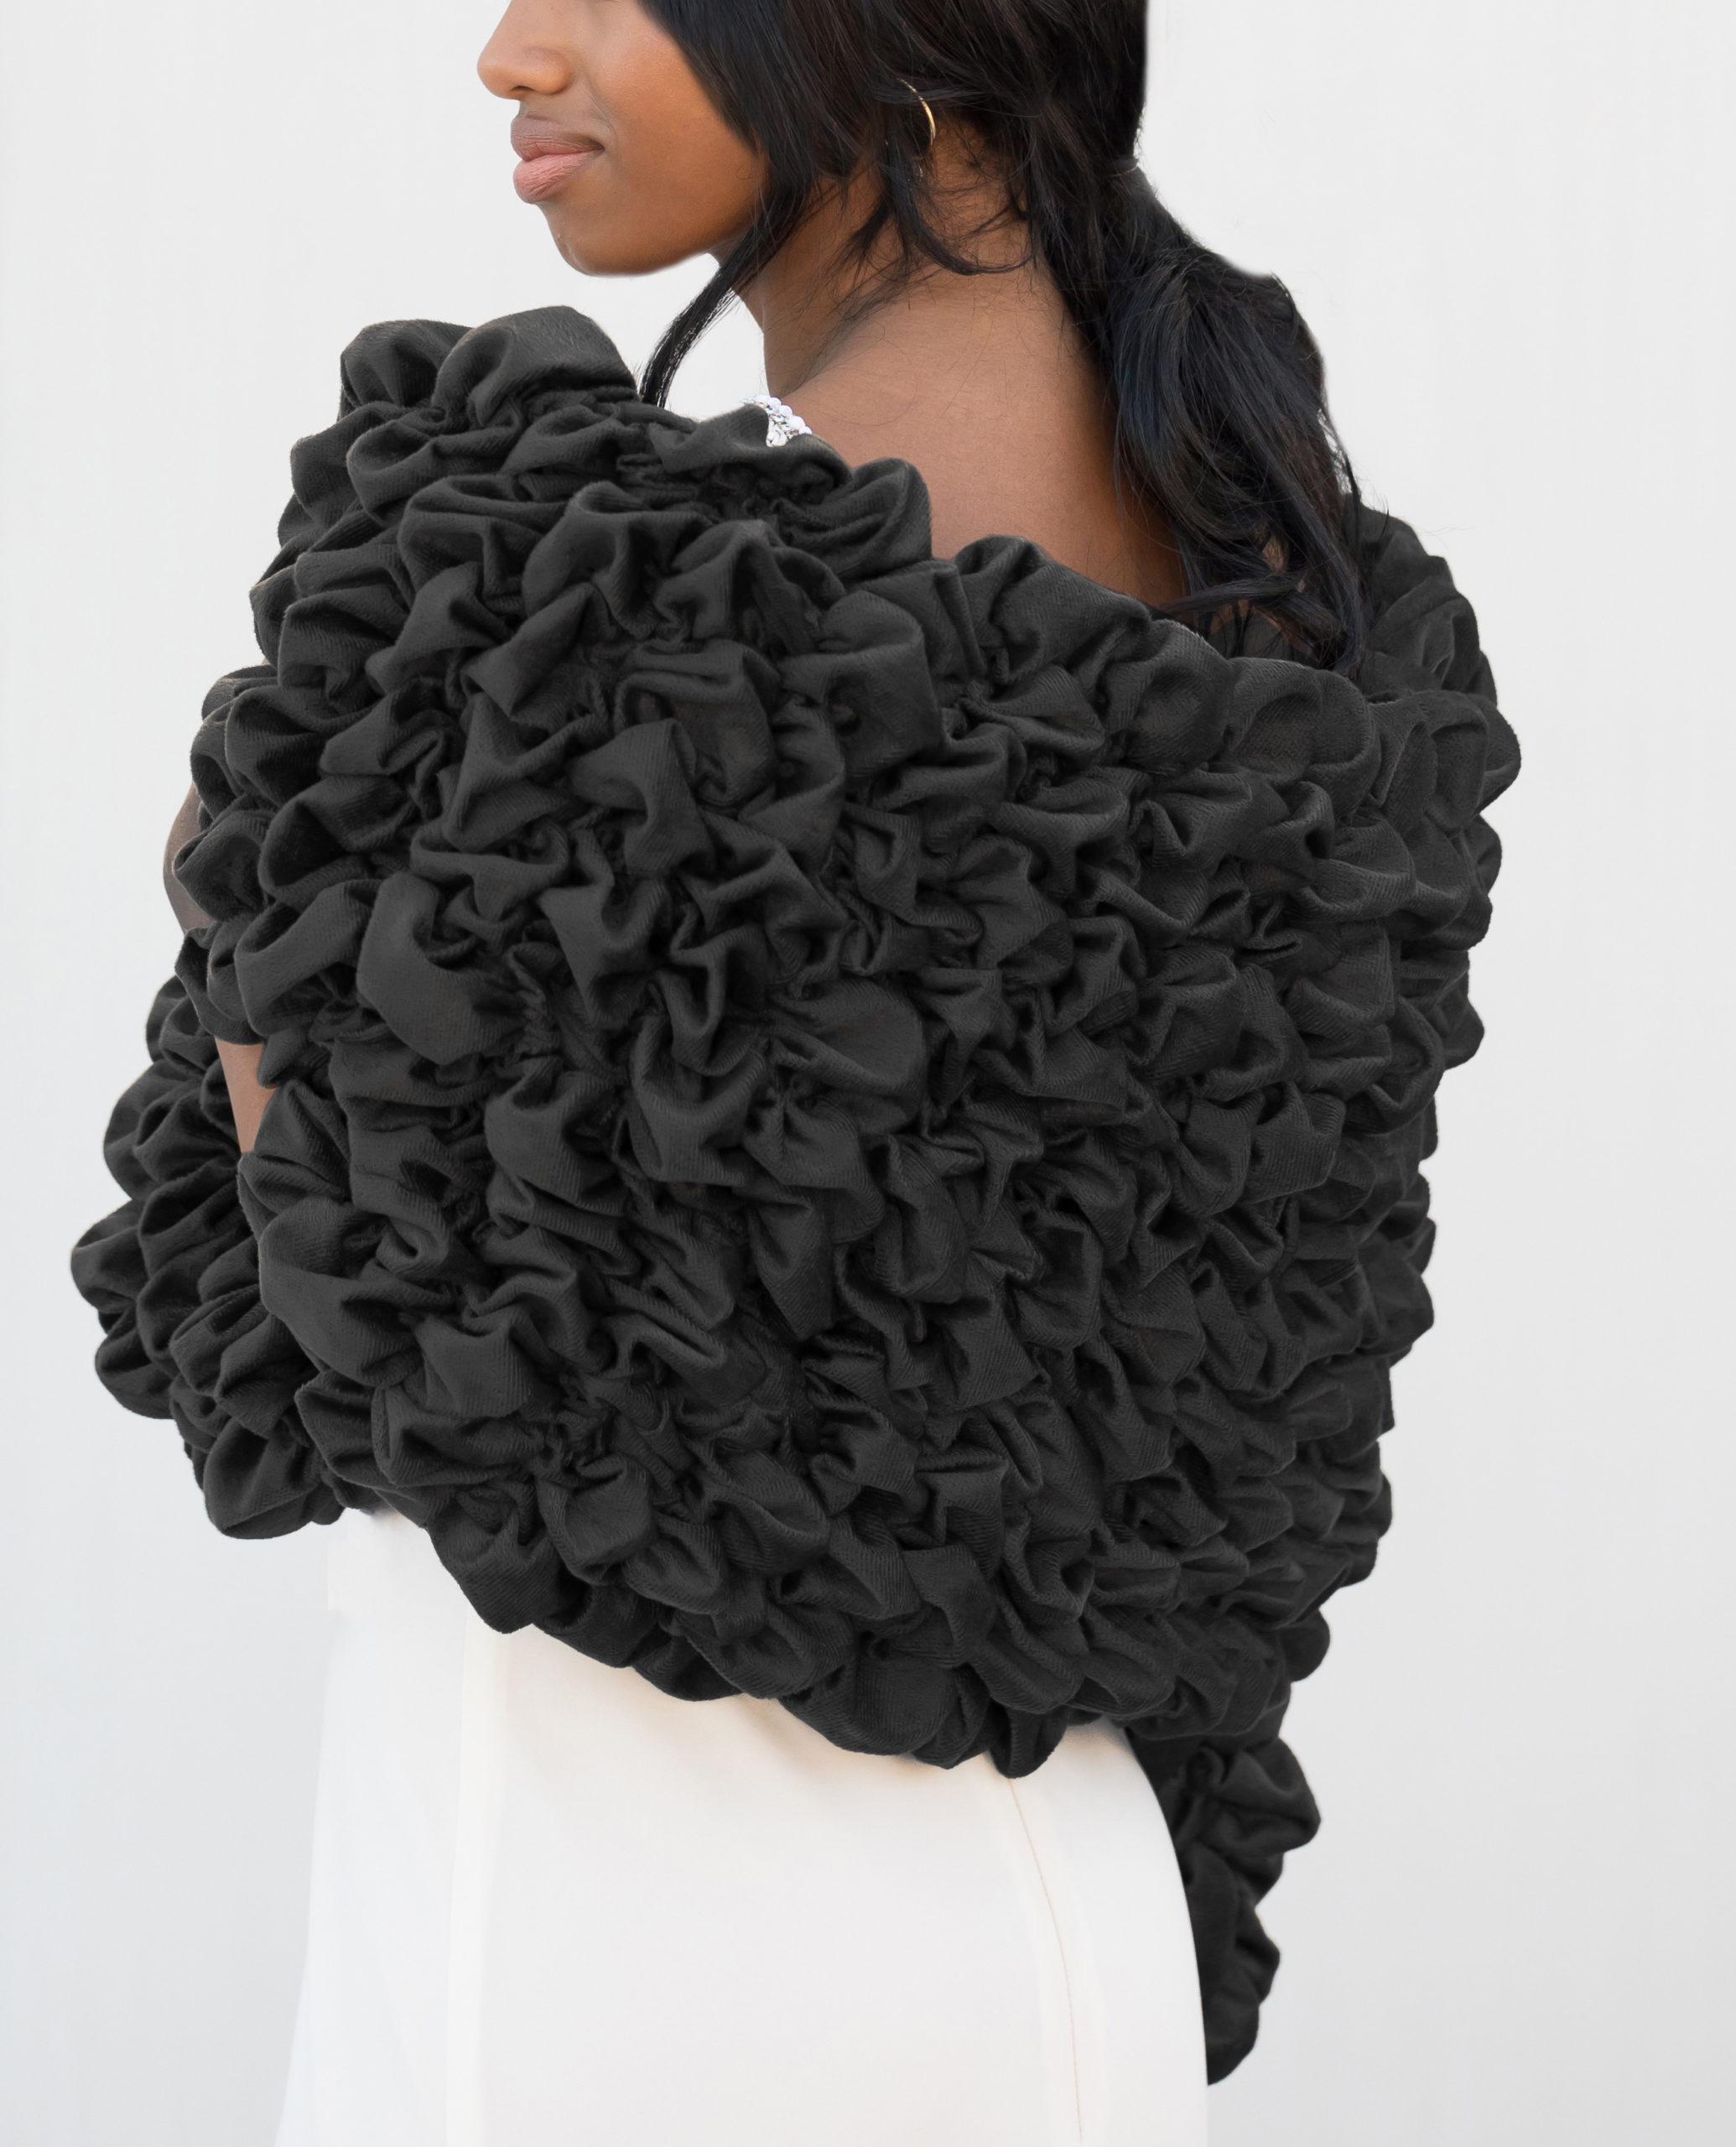 Black Tie Formal Stole for Women